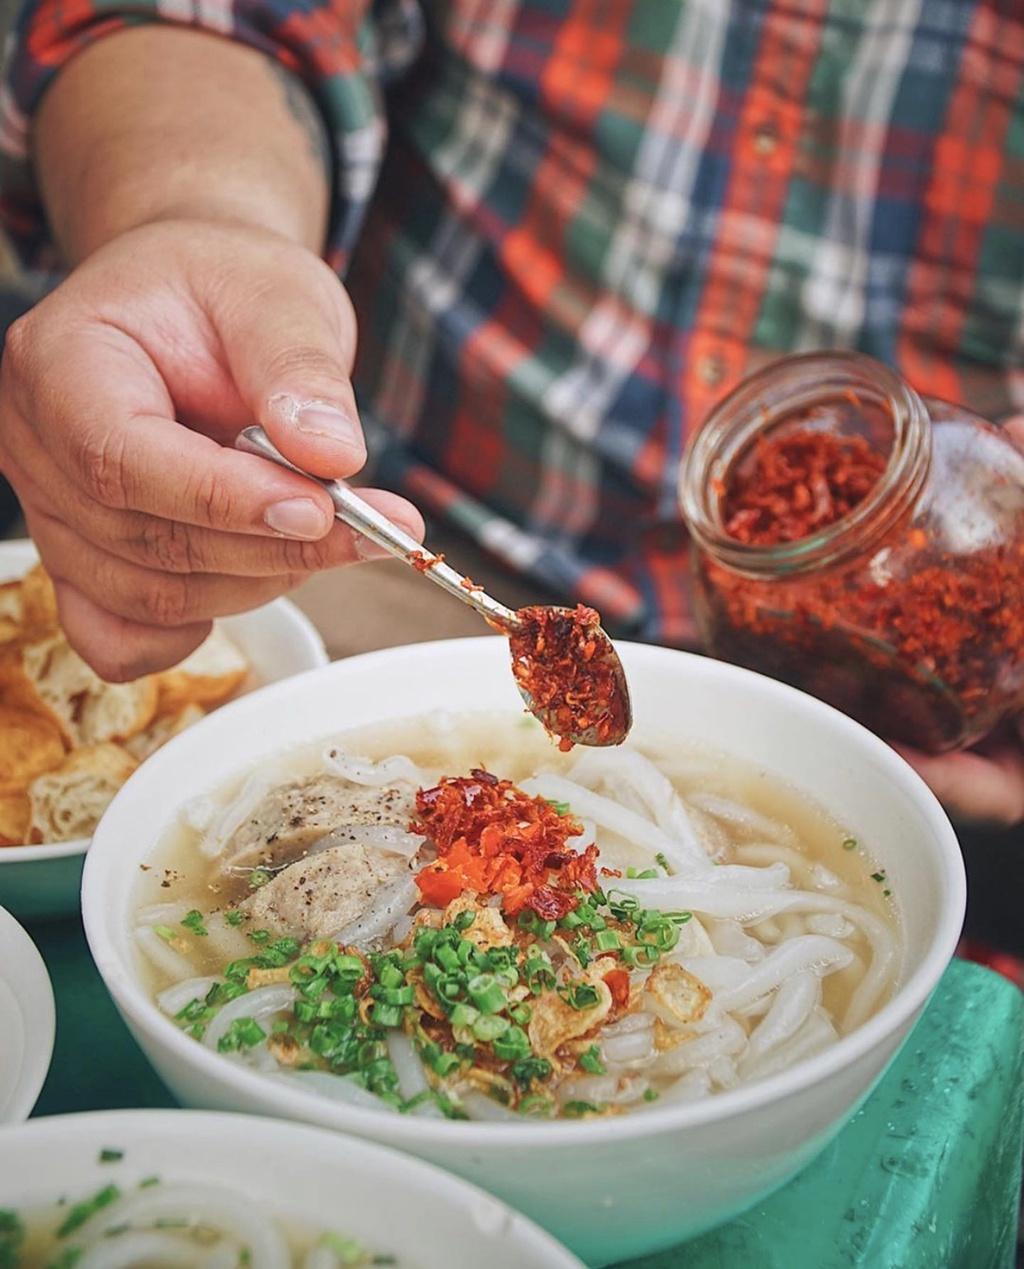 Các thành phần ăn kèm như chanh, ớt, nước chấm đều được bày biện gọn gàng và bắt mắt trên bàn. Mức giá mỗi tô chỉ từ 35.000 đồng, phù hợp cho bạn thỏa mãn chiếc bụng đói sau một ngày học tập, làm việc. Ảnh: Foodholicvn.